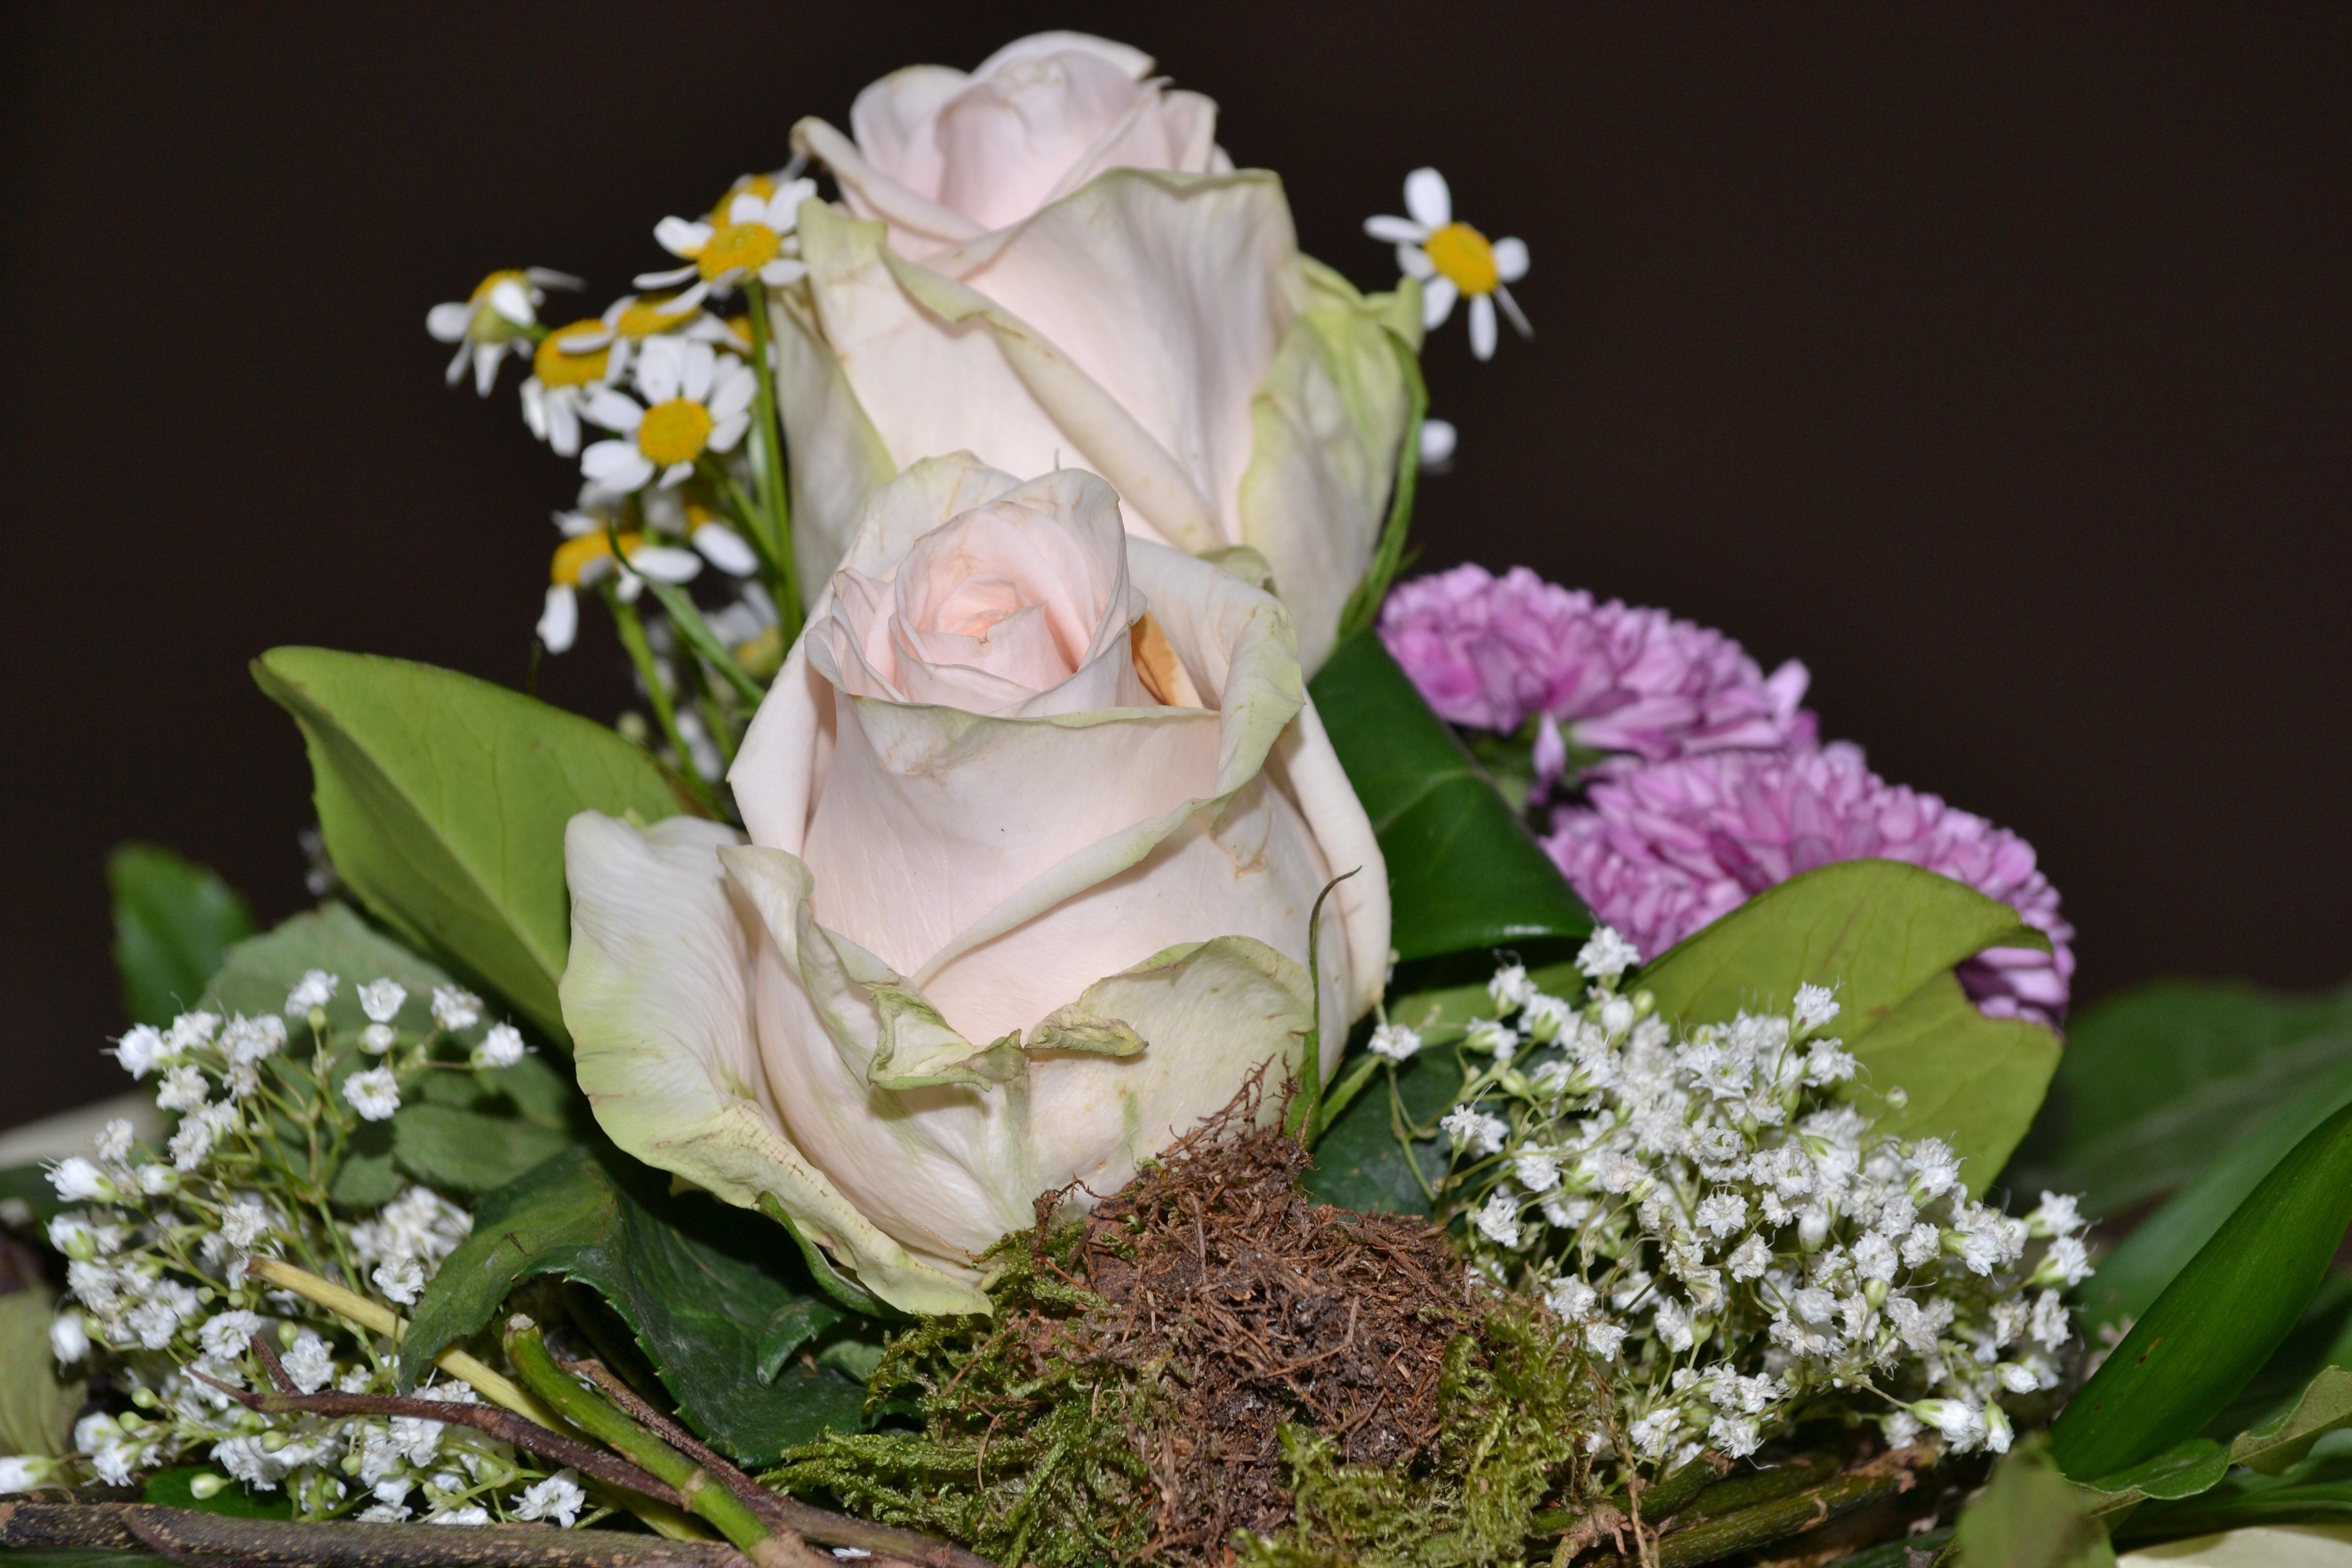 Gambar Mekar Menanam Daun Bunga Cinta Vas Musim Semi Percintaan Berwarna Merah Muda Flora Bunga Bunga Mawar Merah Muda Karangan Bunga Budidaya Bunga Fotografi Makro Tanaman Berbunga Mawar Taman Buket Bunga Bunga